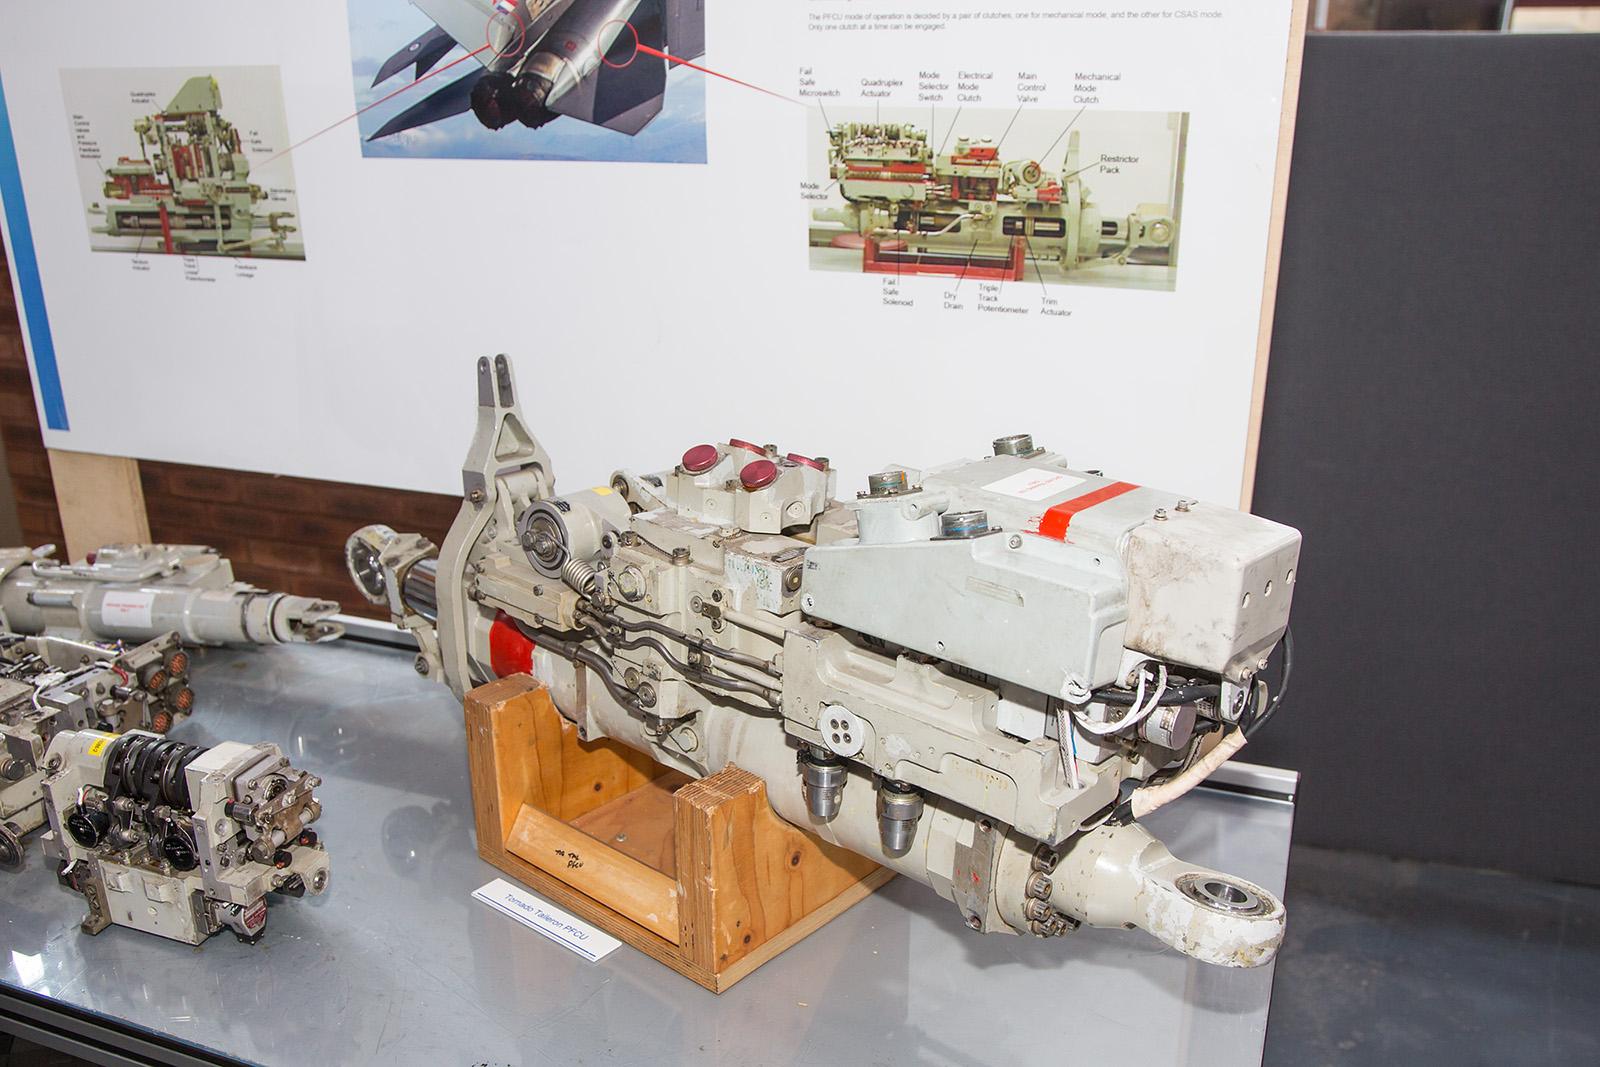 Das Hydraulikaggregat der Tornado, vier parallel arbeitende Systeme sorgen für Sicherheit.